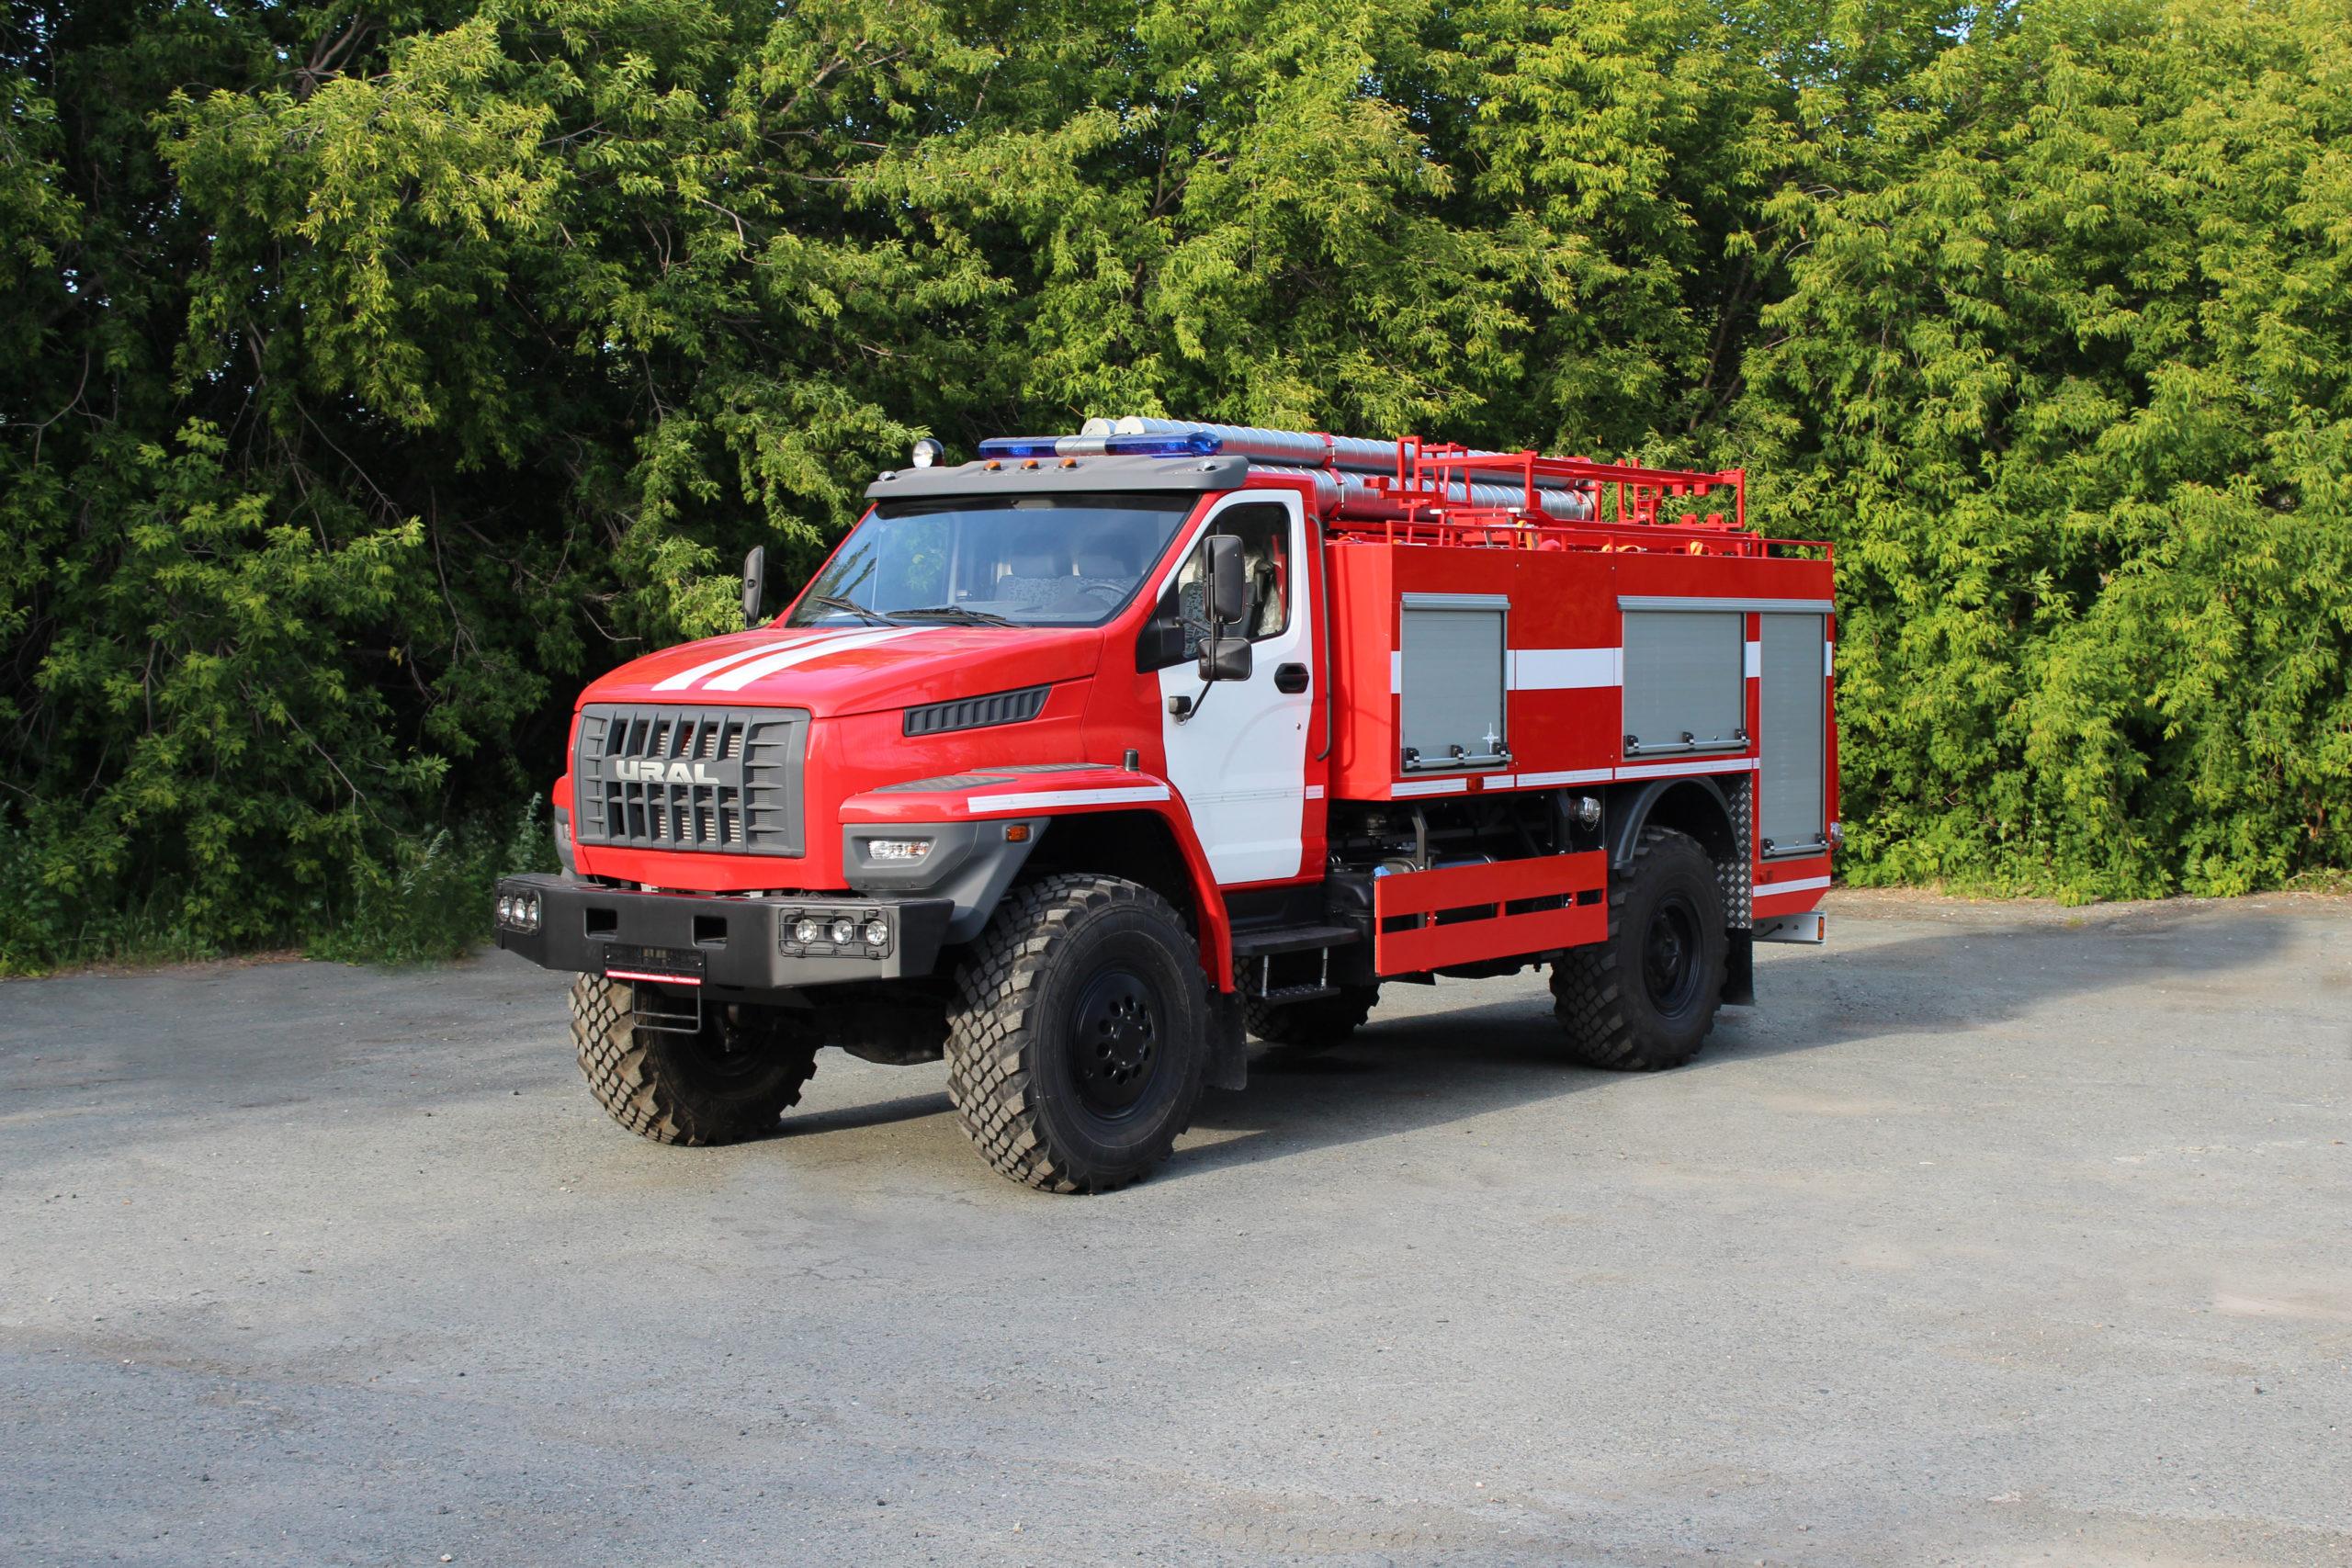 Пожарные автомобили: классификация, виды, назначение